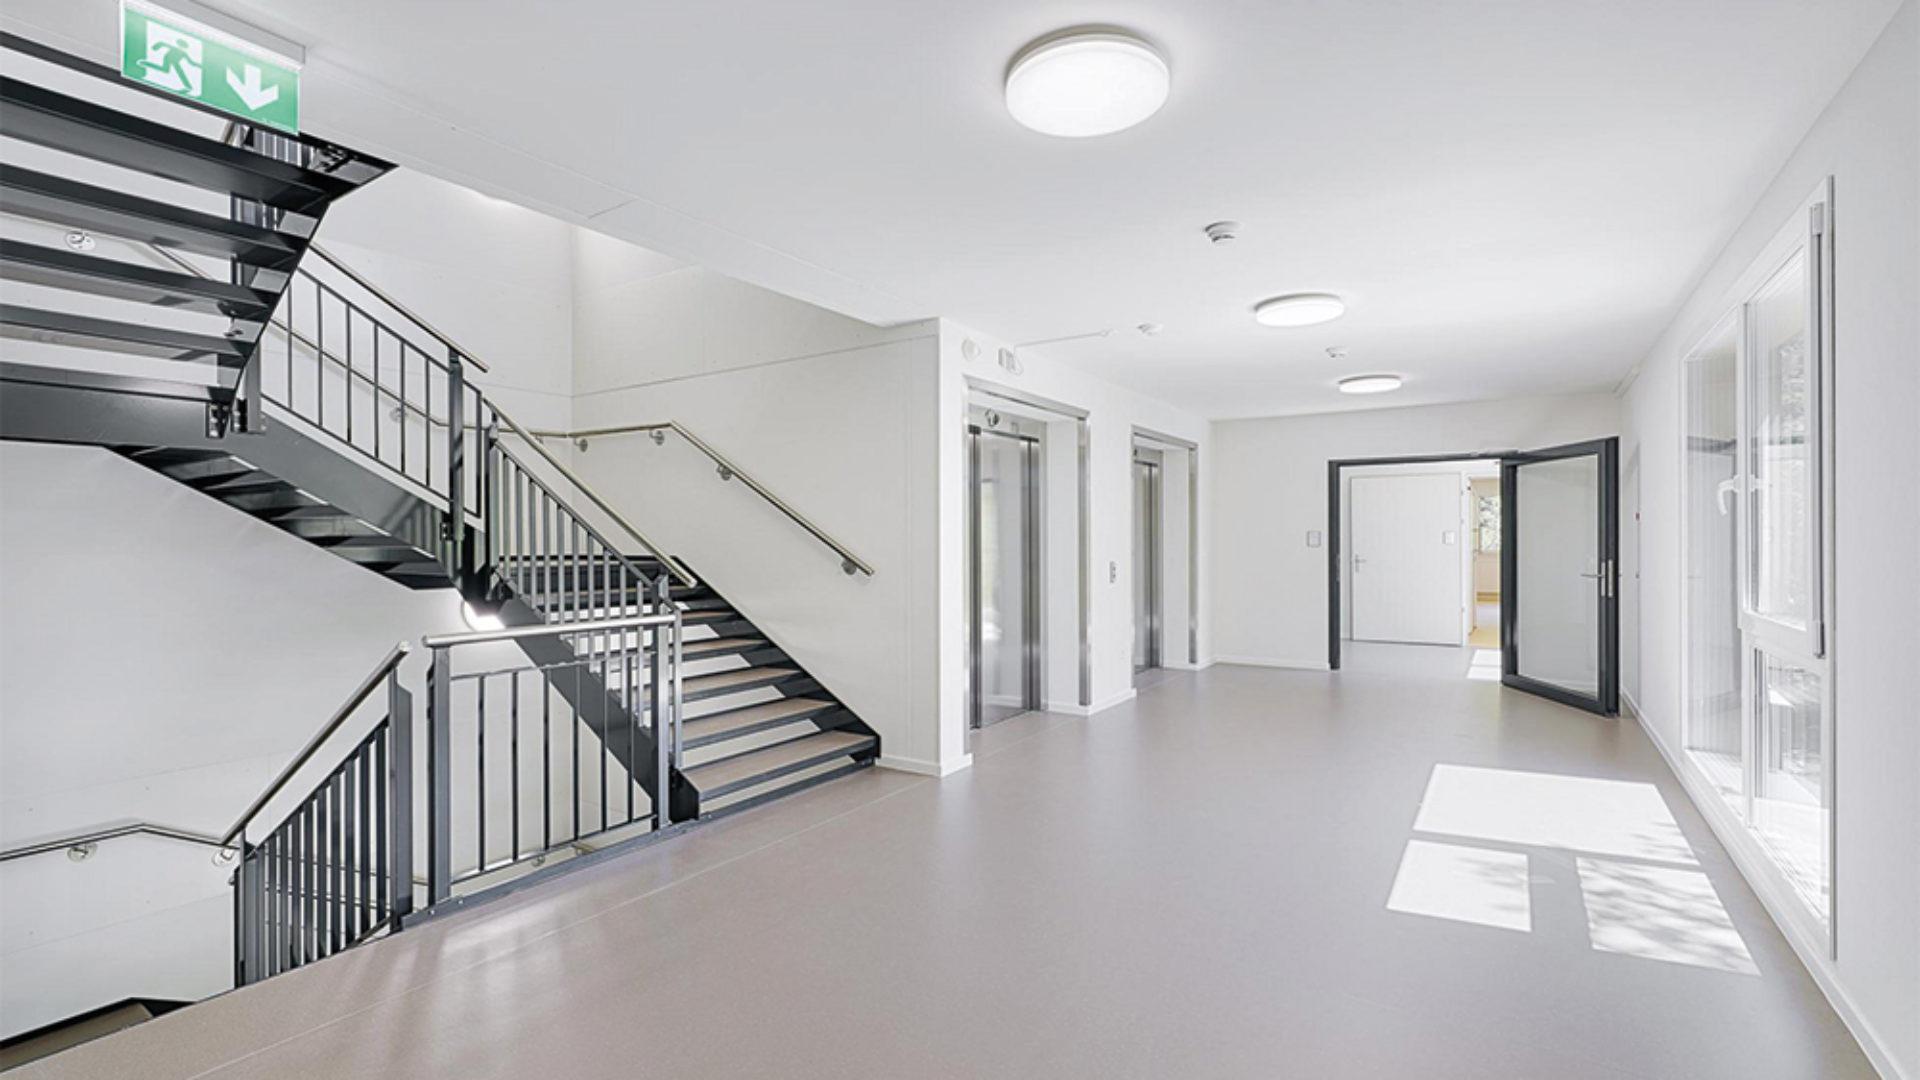 Beleuchtung_referenz_Geriatrische_Klinik_St_Gallen